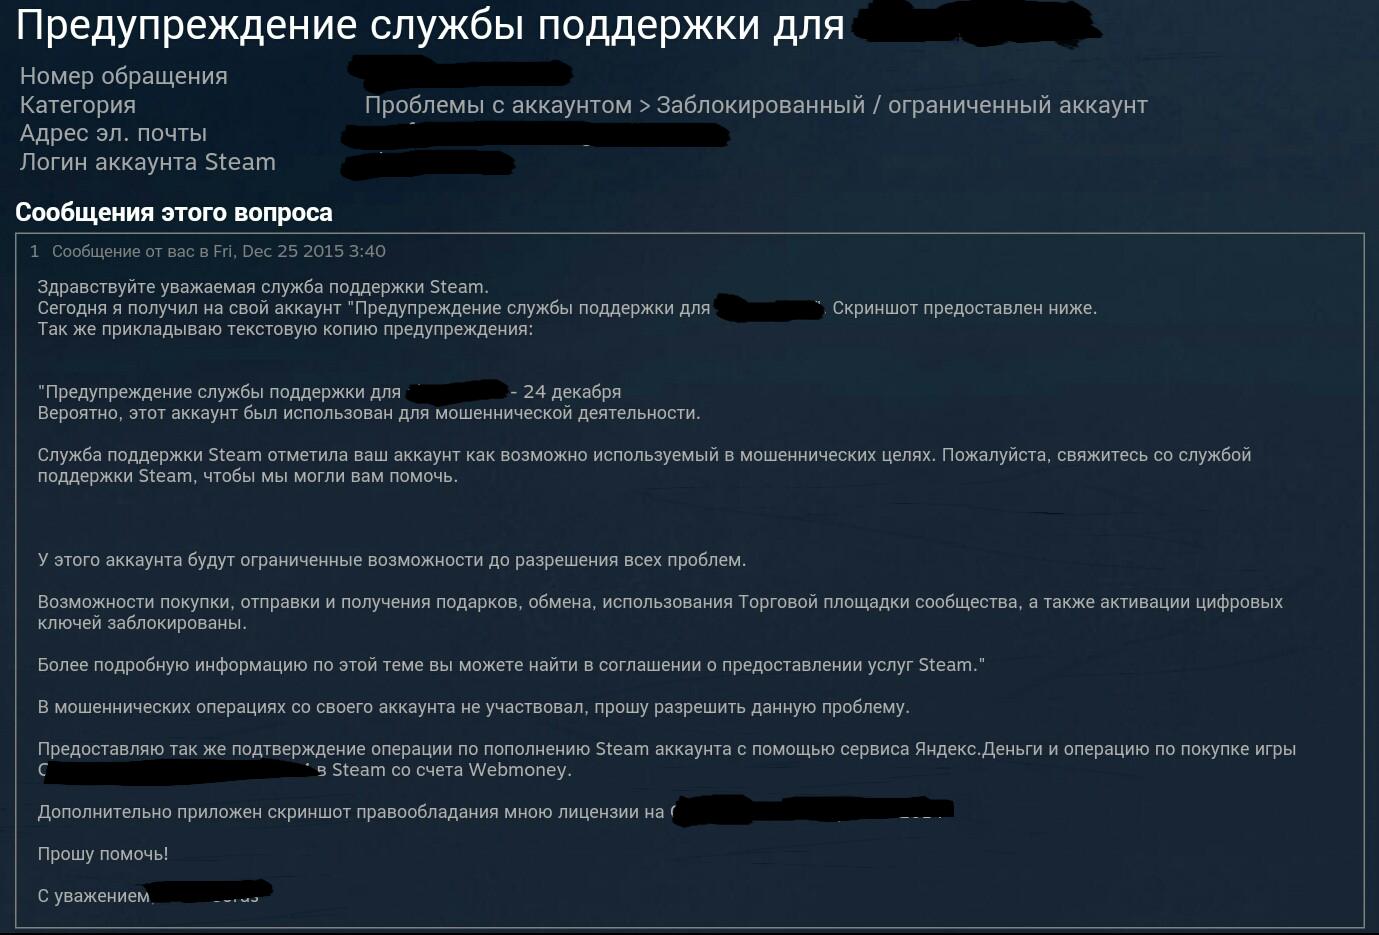 ETVNET - Русское телевидение - TV, SmartTV, Roku, LG